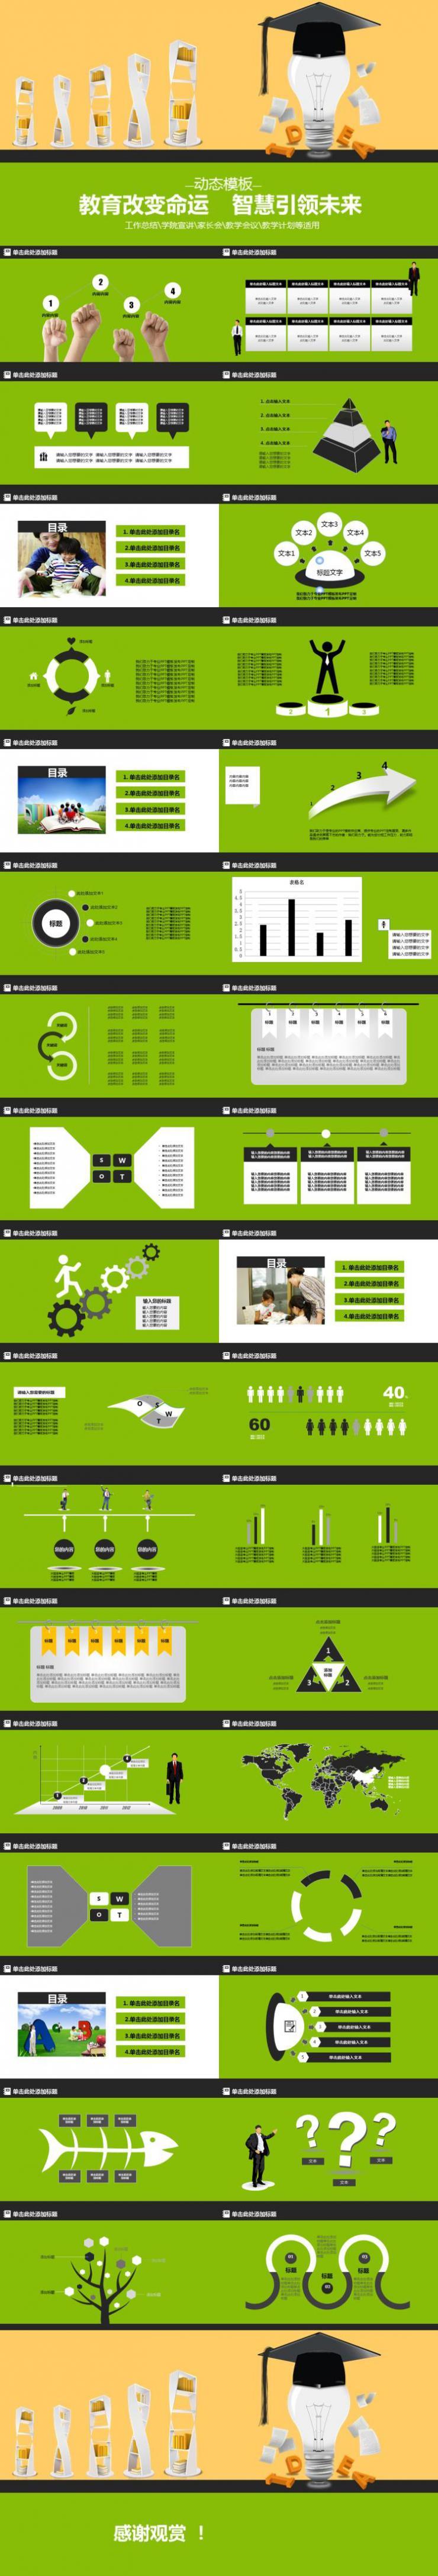 教育改变命运智慧引领未来教学PPT模板